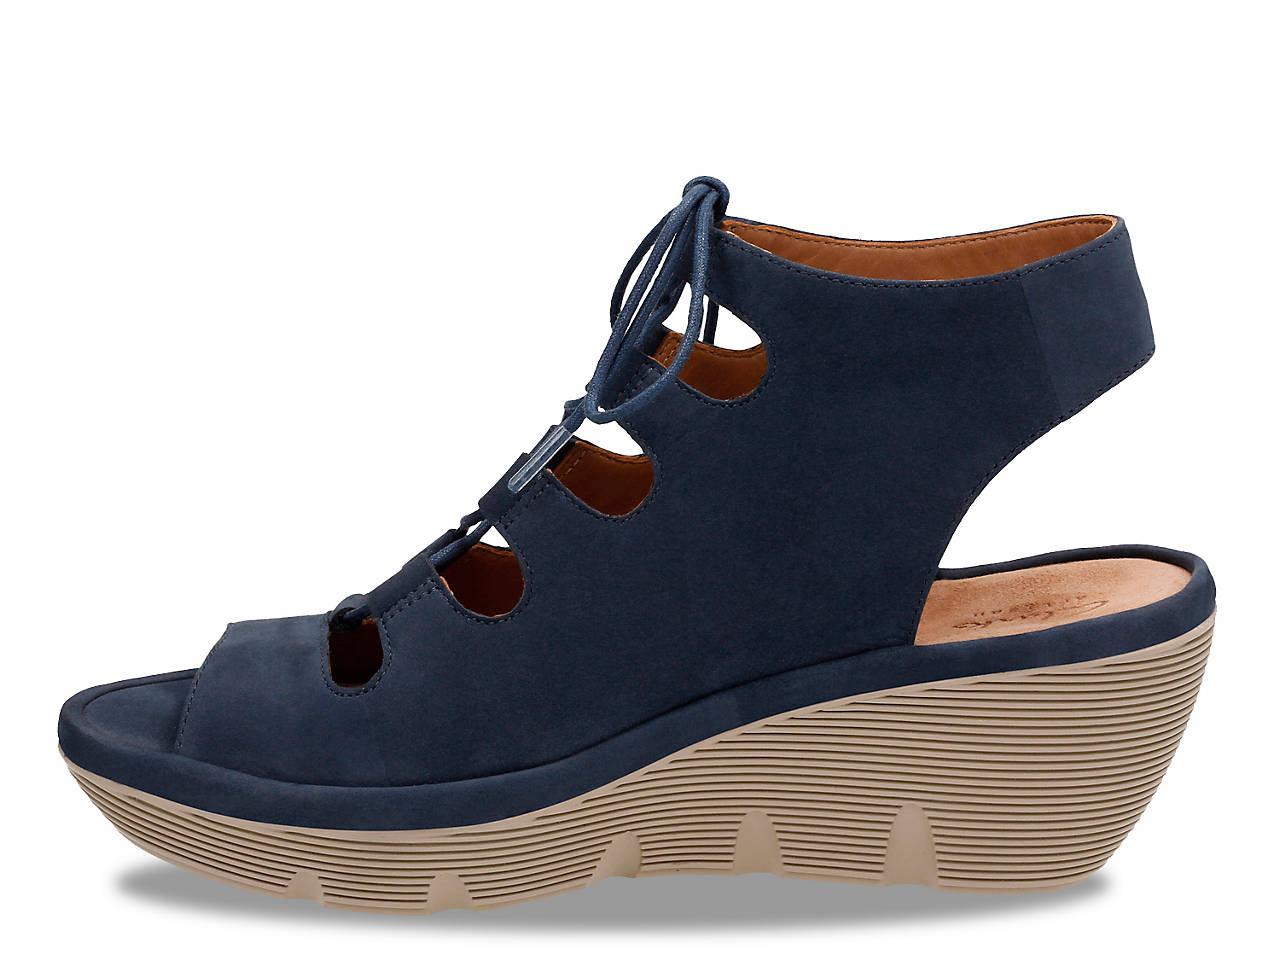 588fb5d044c Clarks Clarene Grace Wedge Sandal Women s Shoes